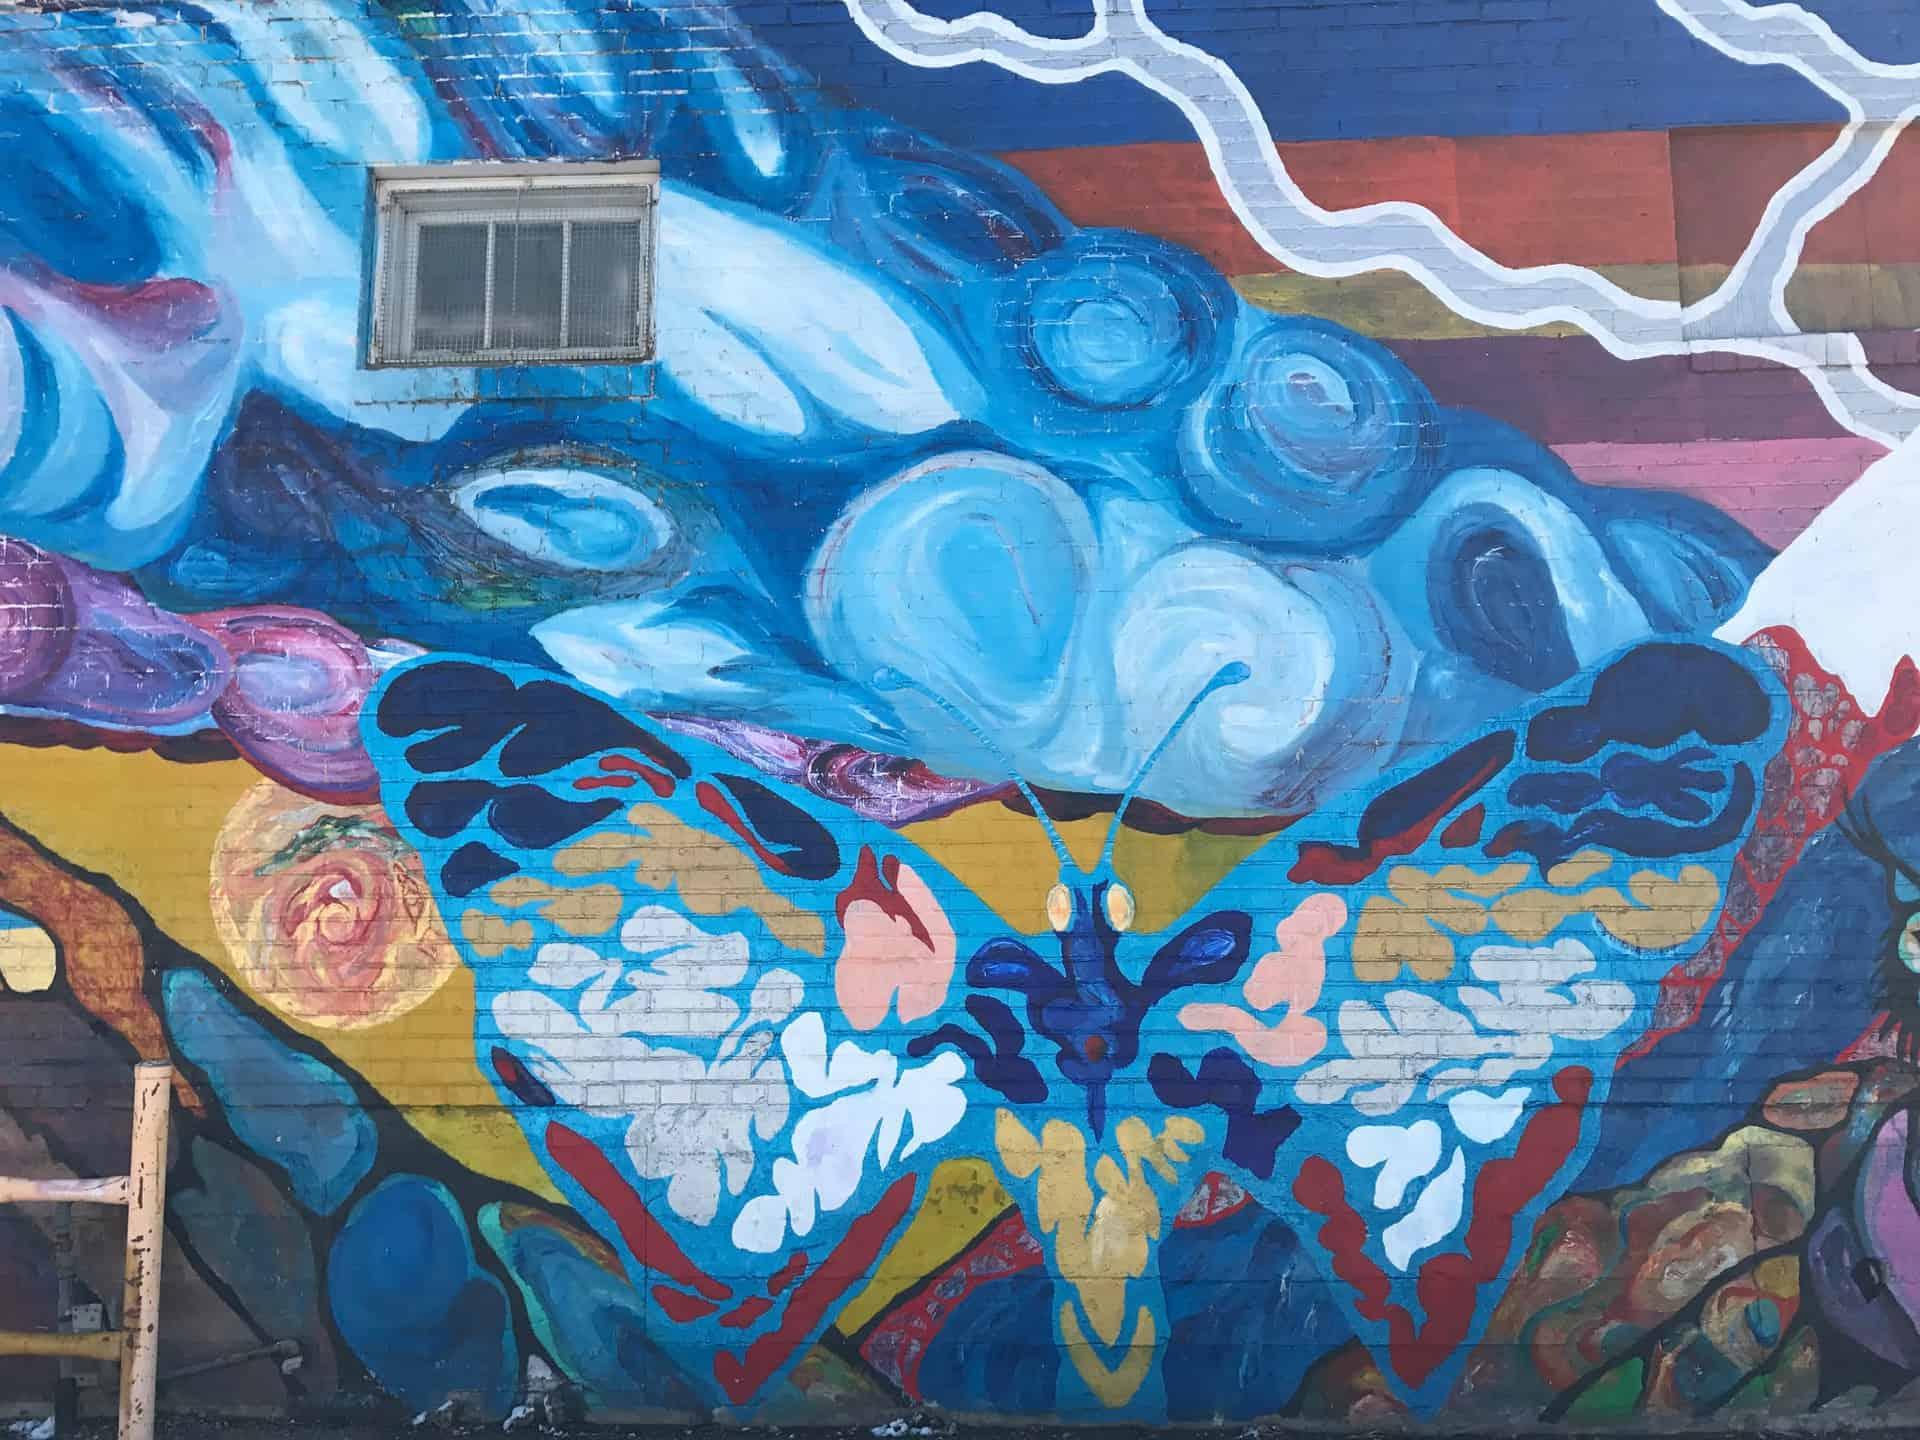 Cool Murals in Edmonton